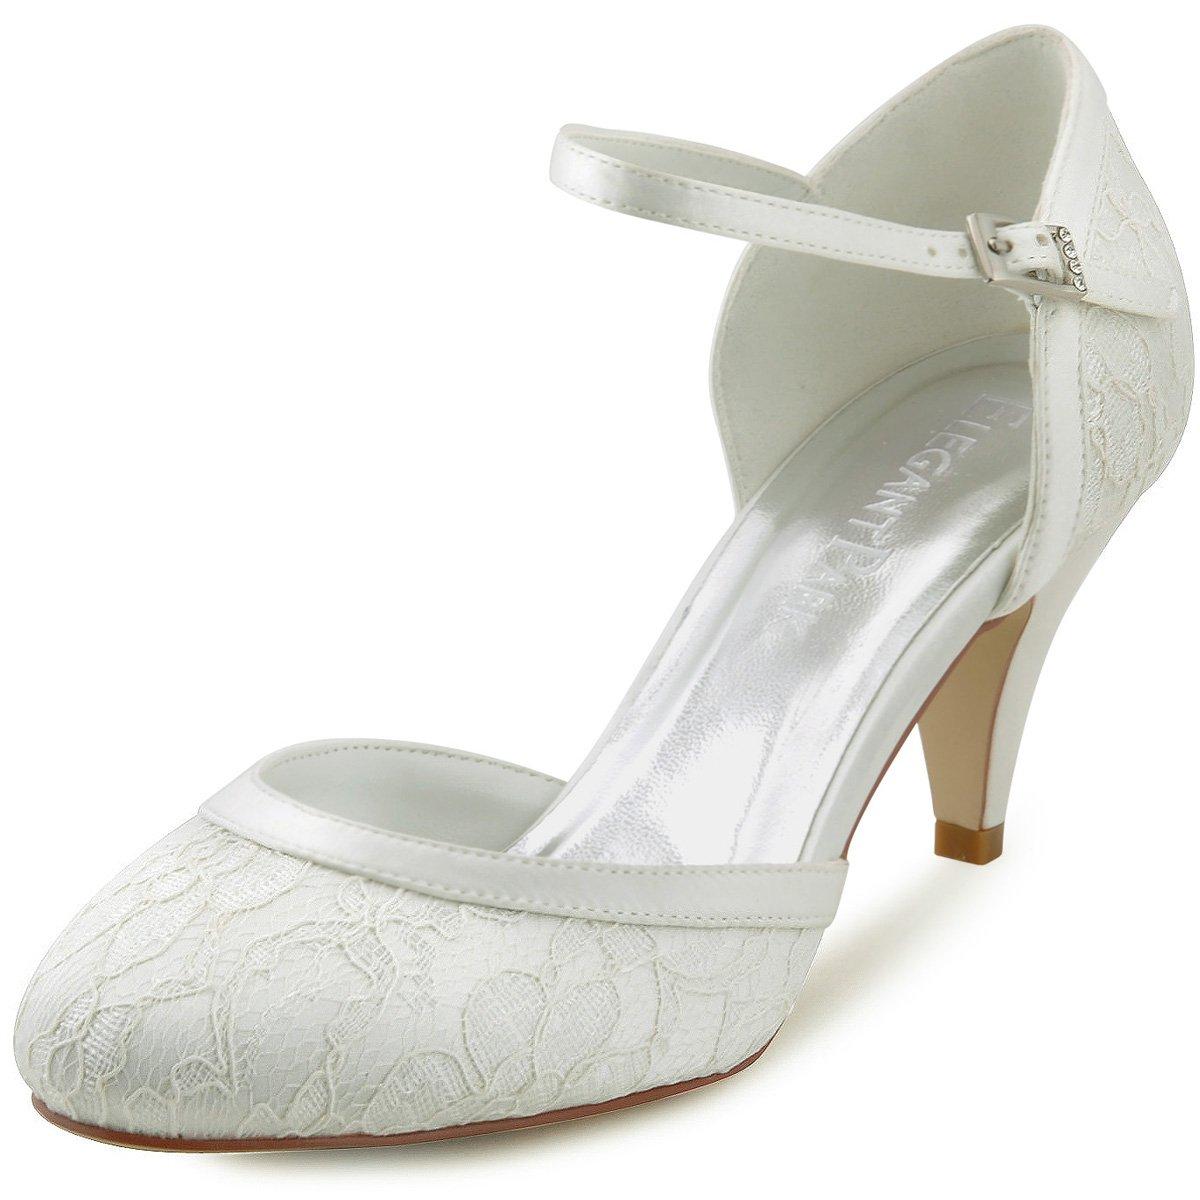 ElegantPark HC1508 Chaussures Escarpins Femme Dendelle Bride Janes cheville Bride Boucle Bout Rond Mary Janes Talon Dentelle Chaussures Pompes Ivoire d53b146 - deadsea.space